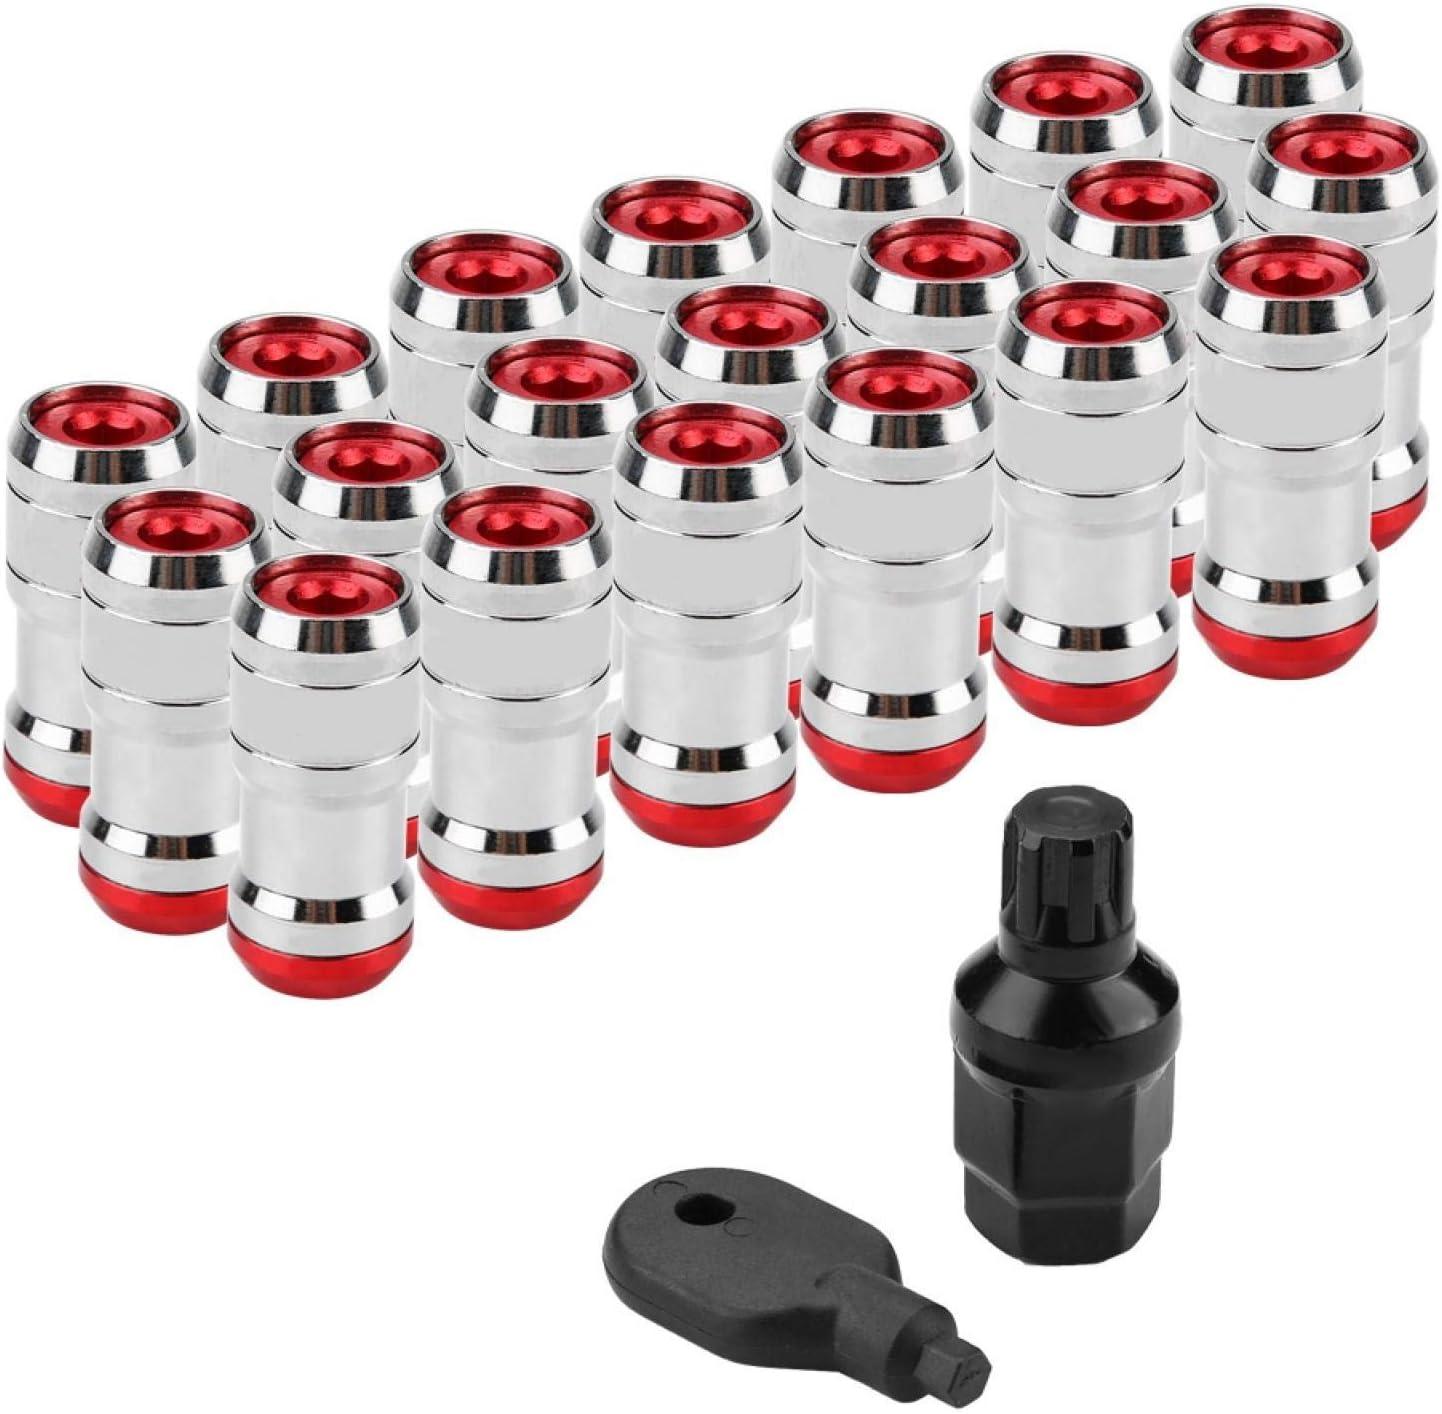 Vite per pneumatici auto Rosso Akozonm Vite dadi ruota per auto da corsa per la maggior parte delle ruote aftermarket